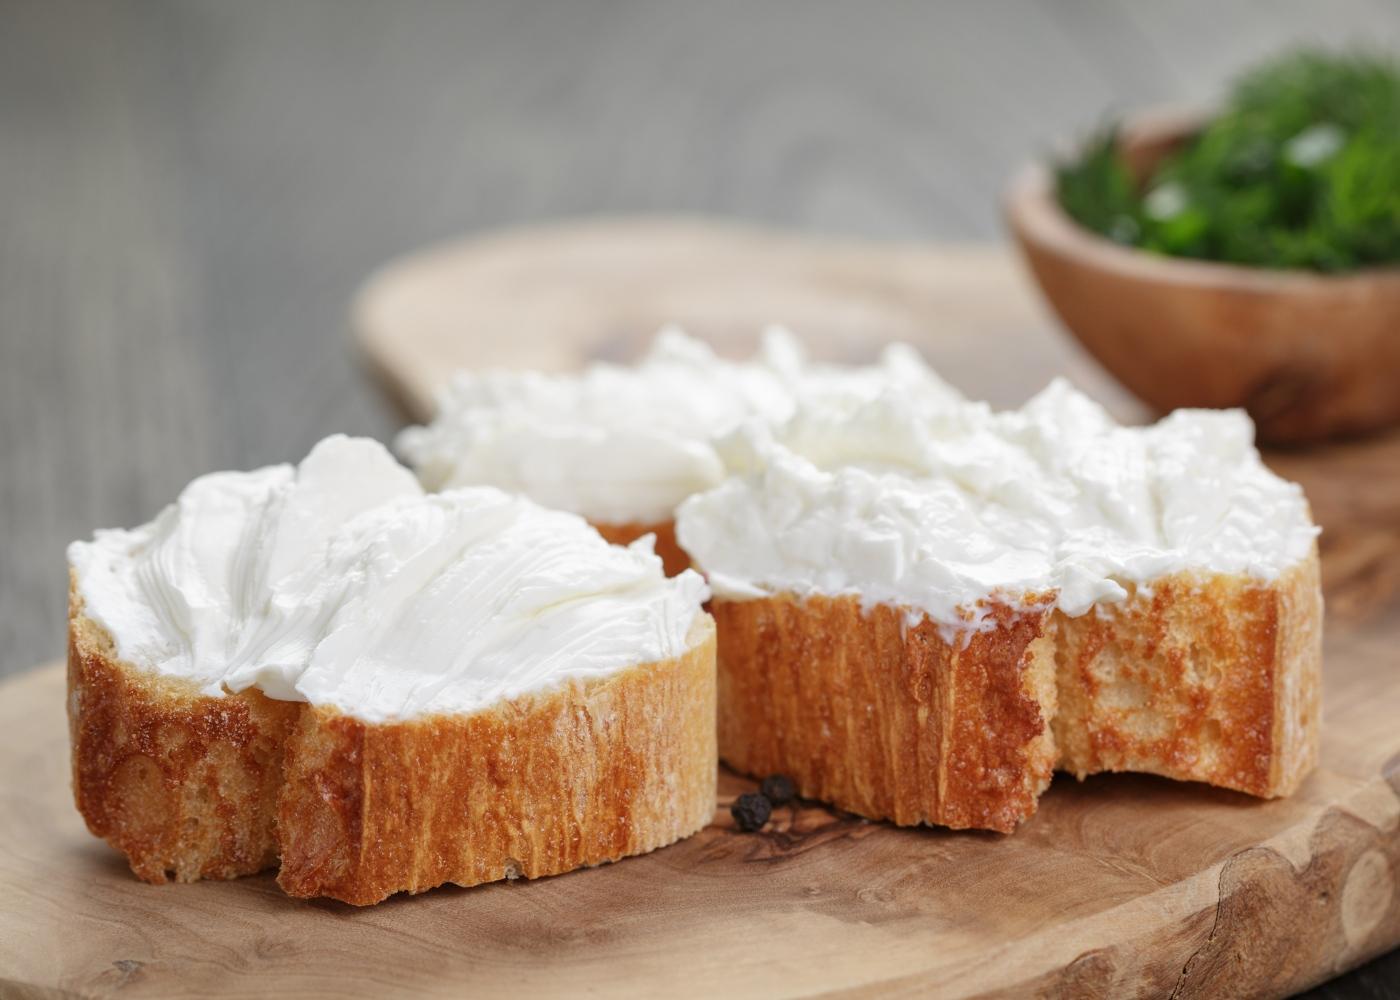 Como poupar calorias: queijo magro para barrar